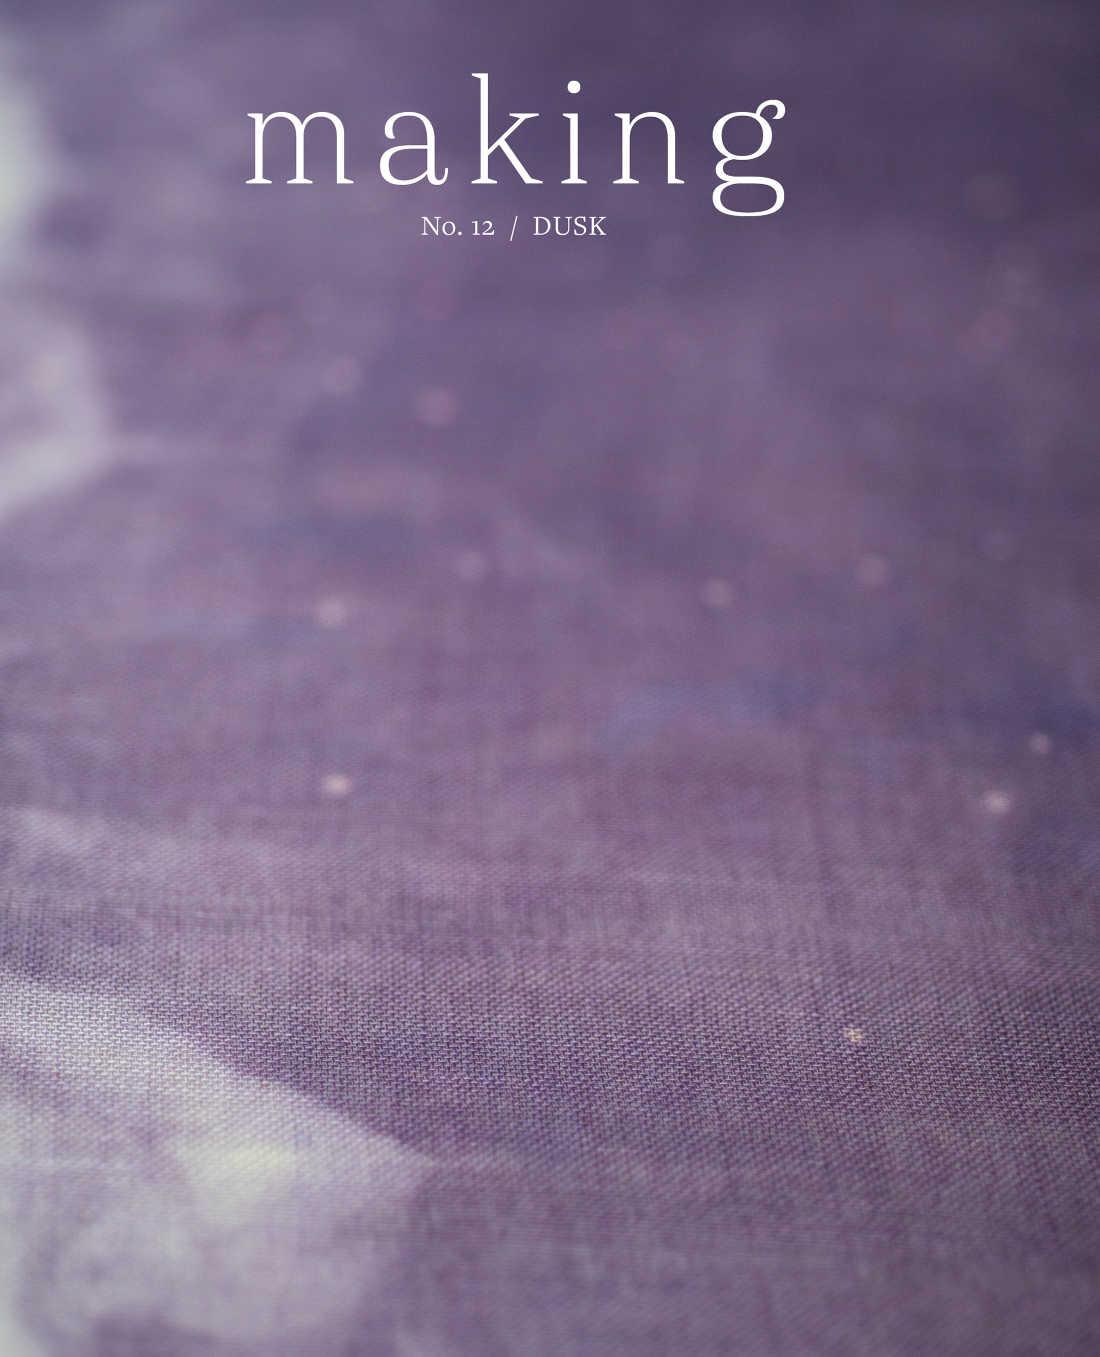 Making No 12 - Dusk *Coming Soon